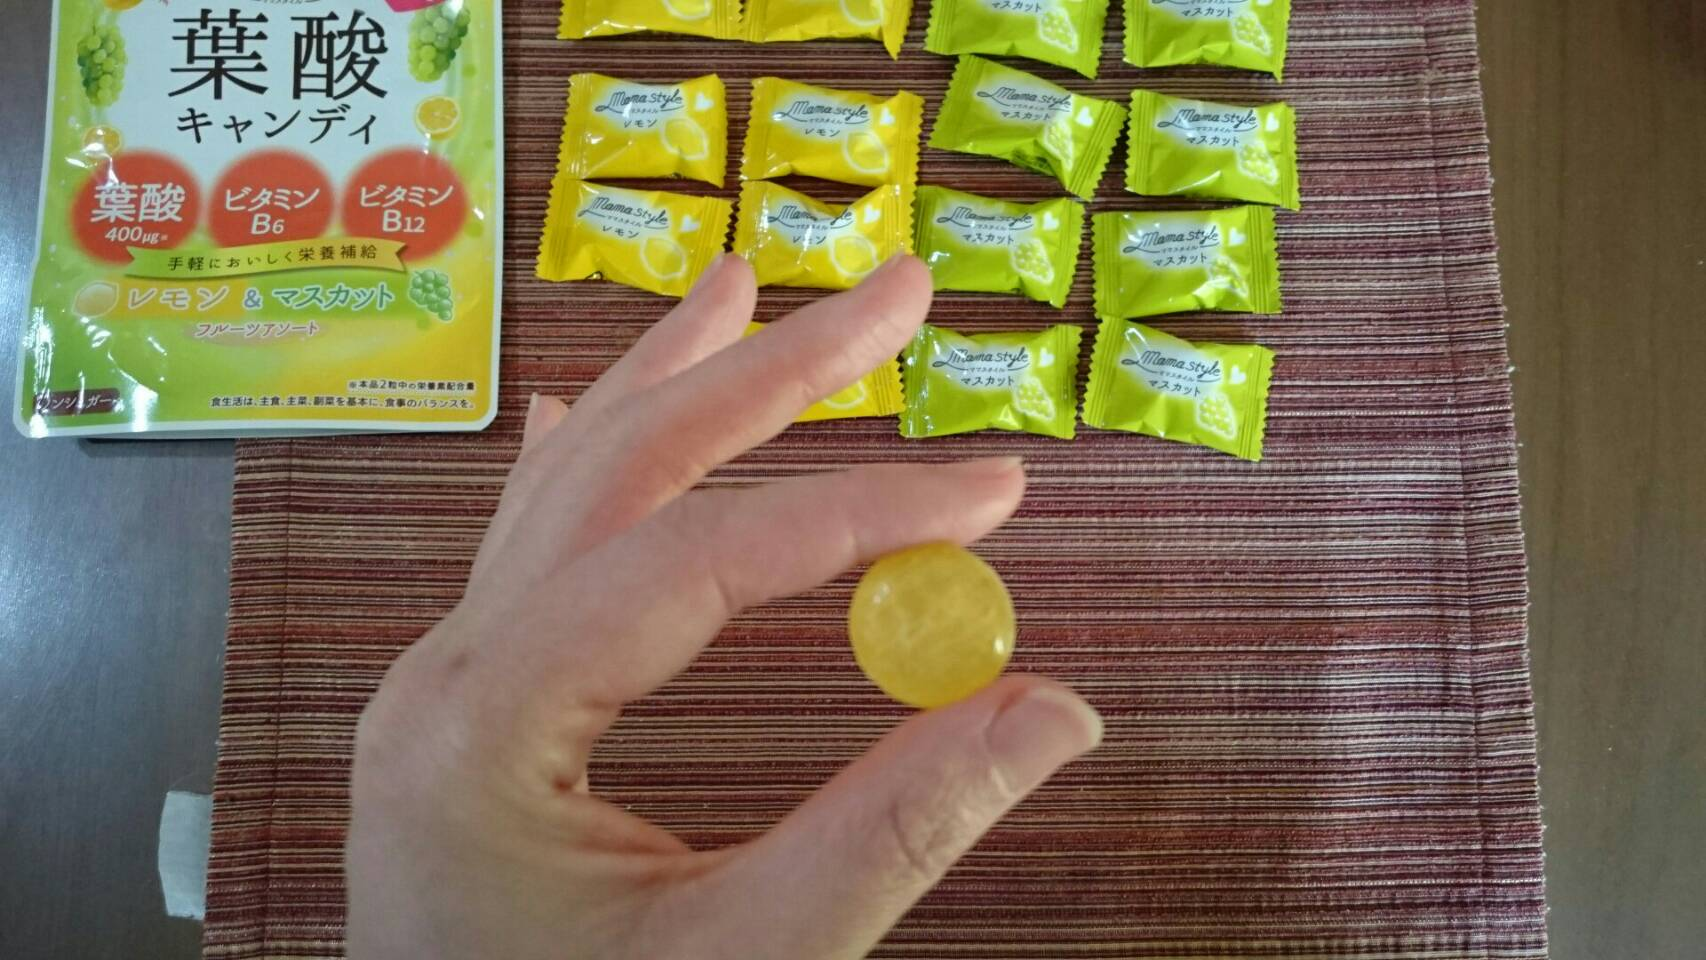 和光堂の葉酸キャンディの飴